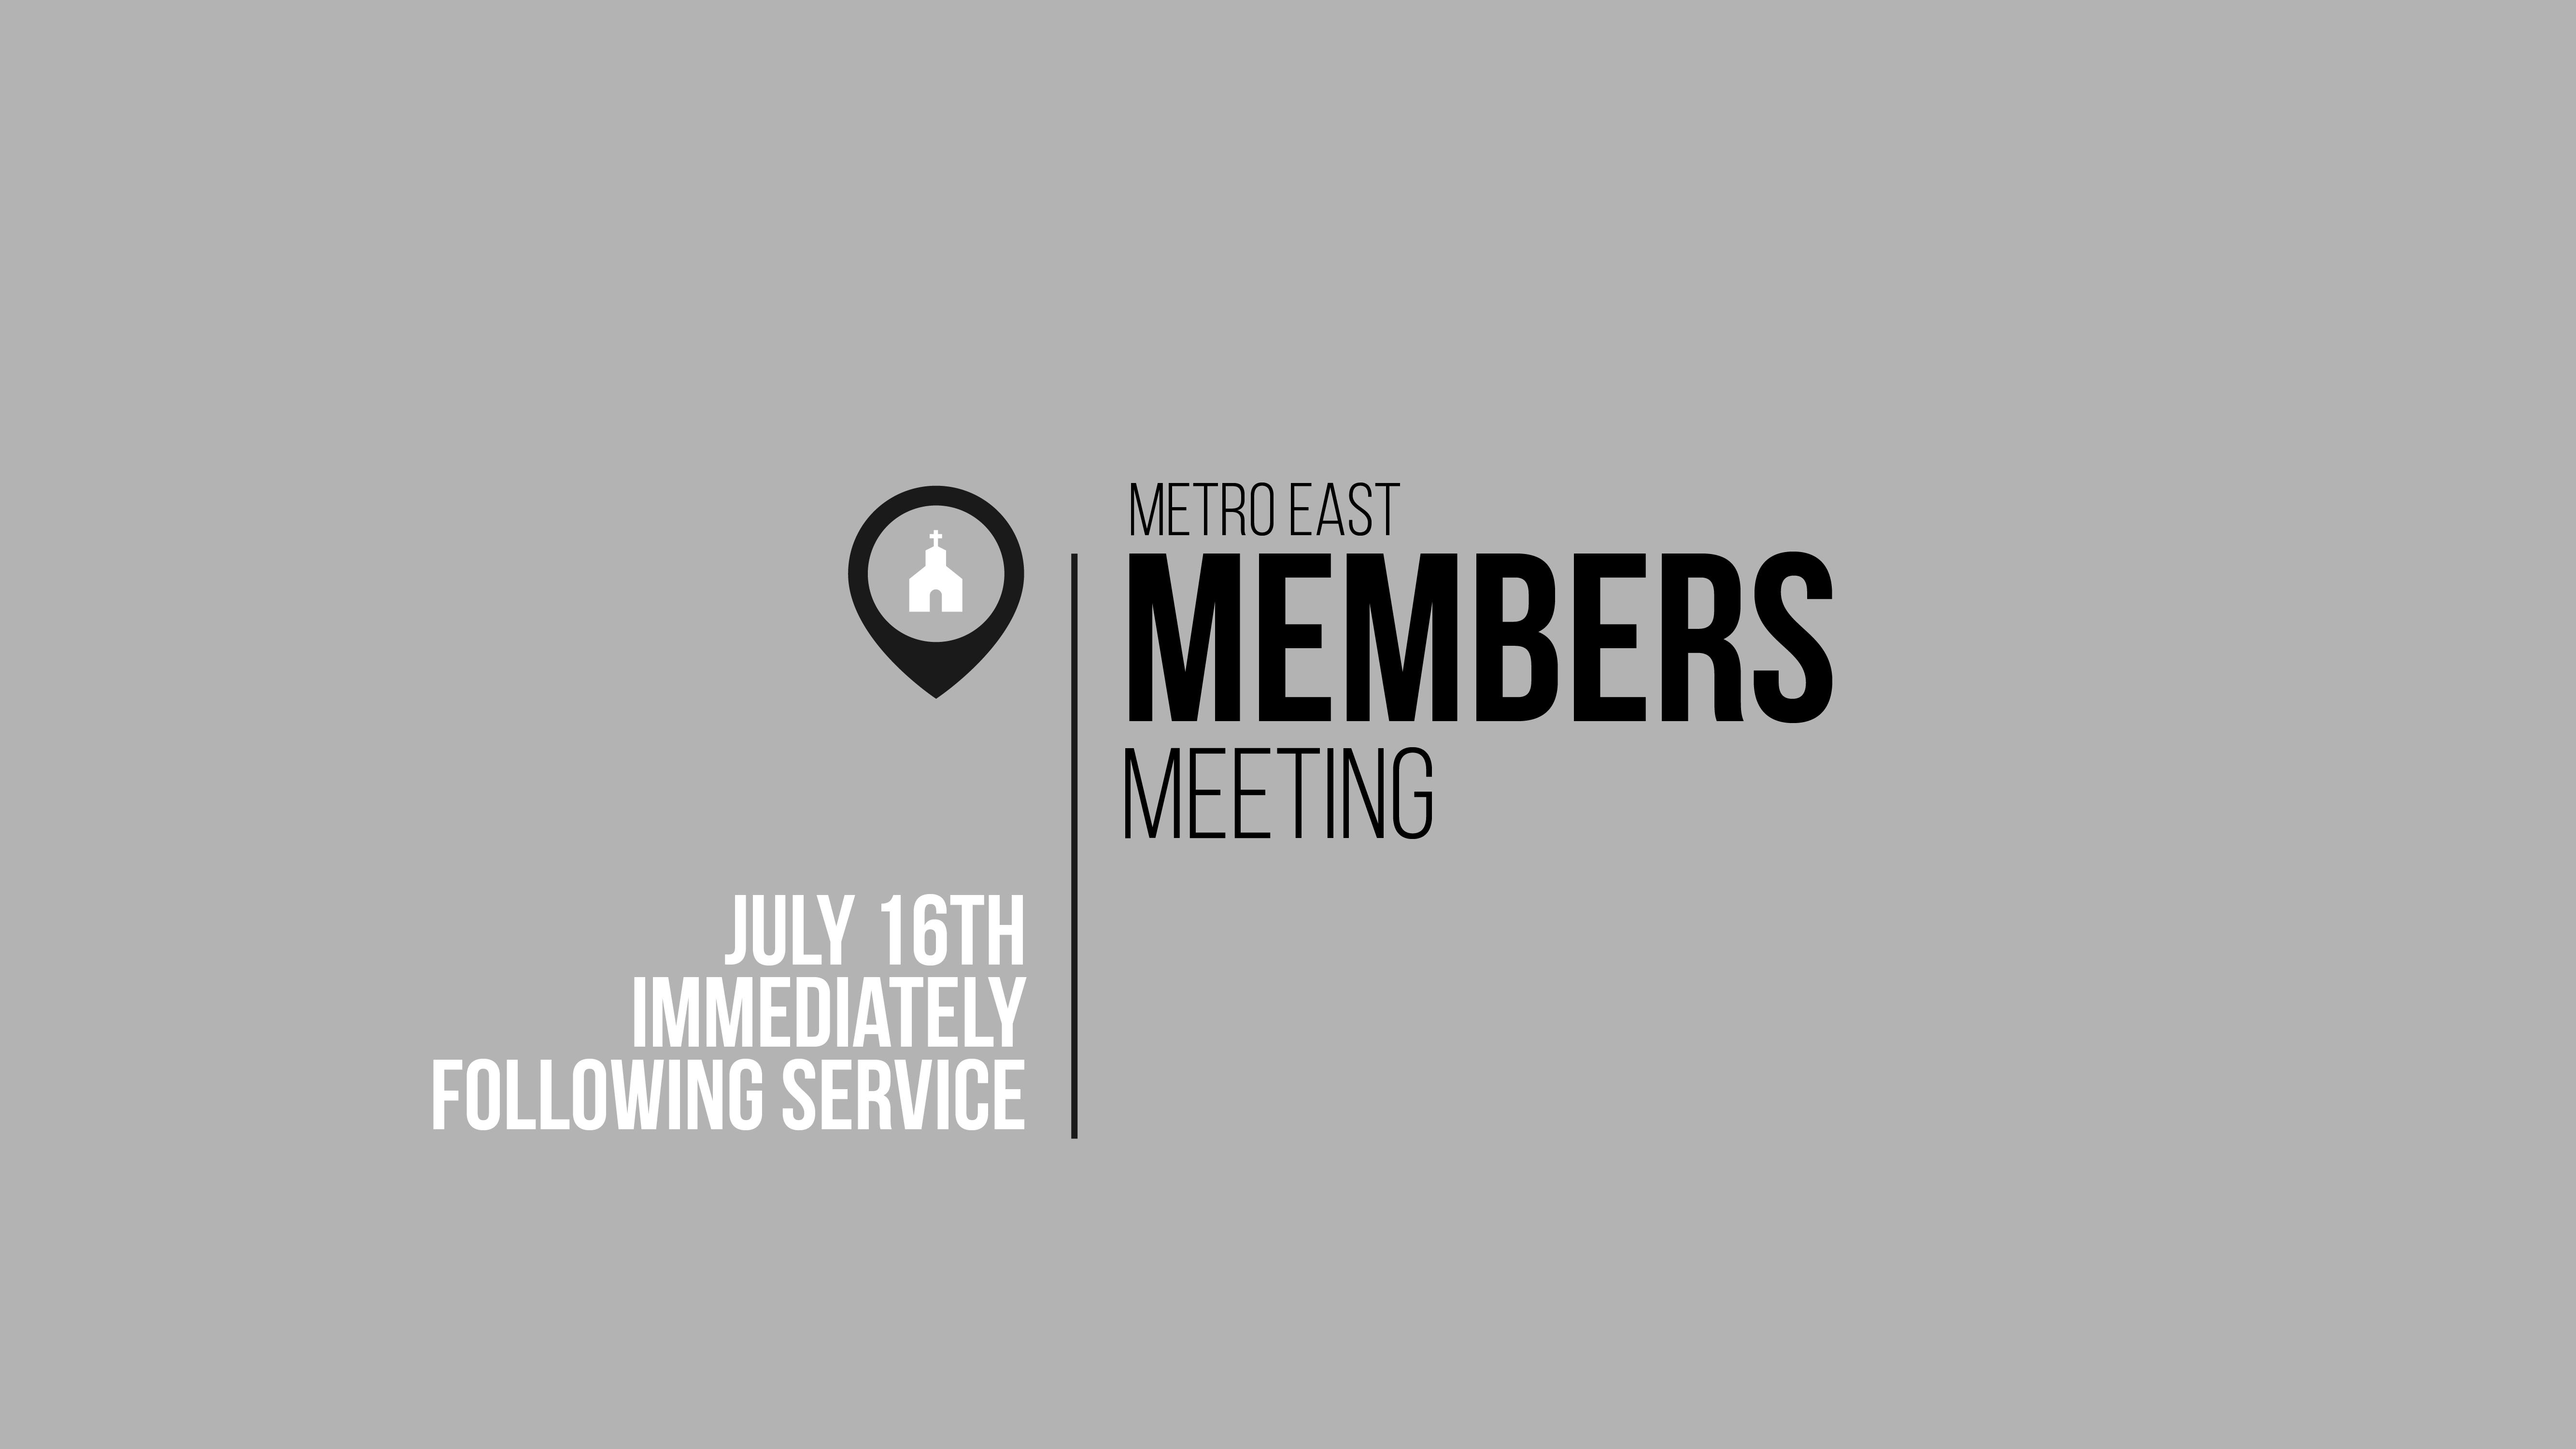 Members meeting slide